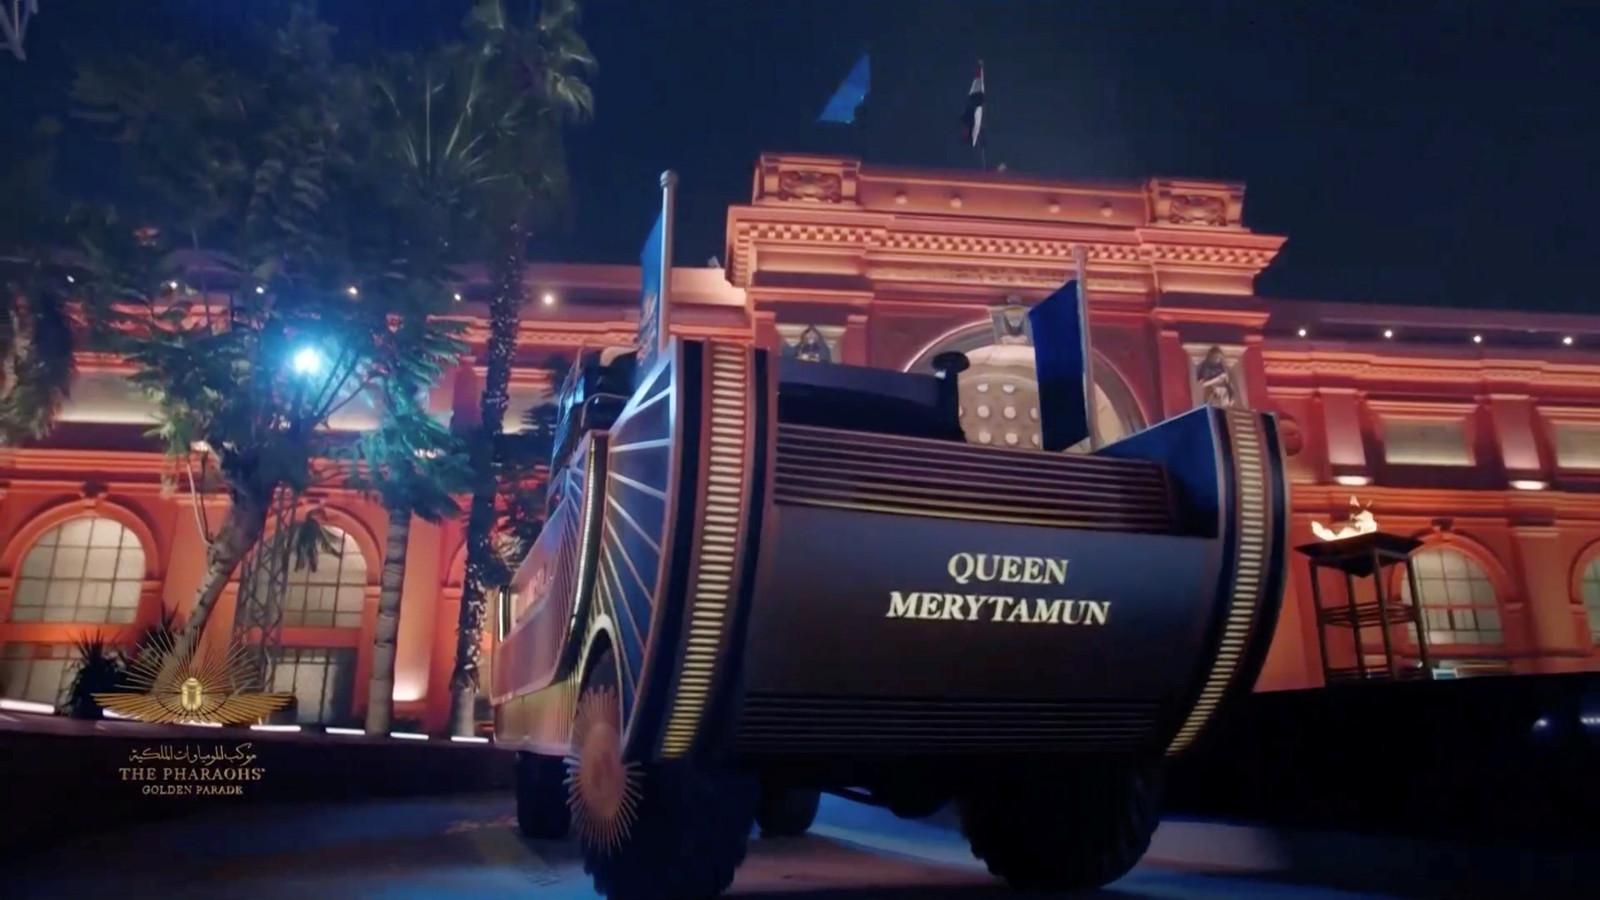 De mummie van een koningin wordt vervoerd tijdens de ceremonie.